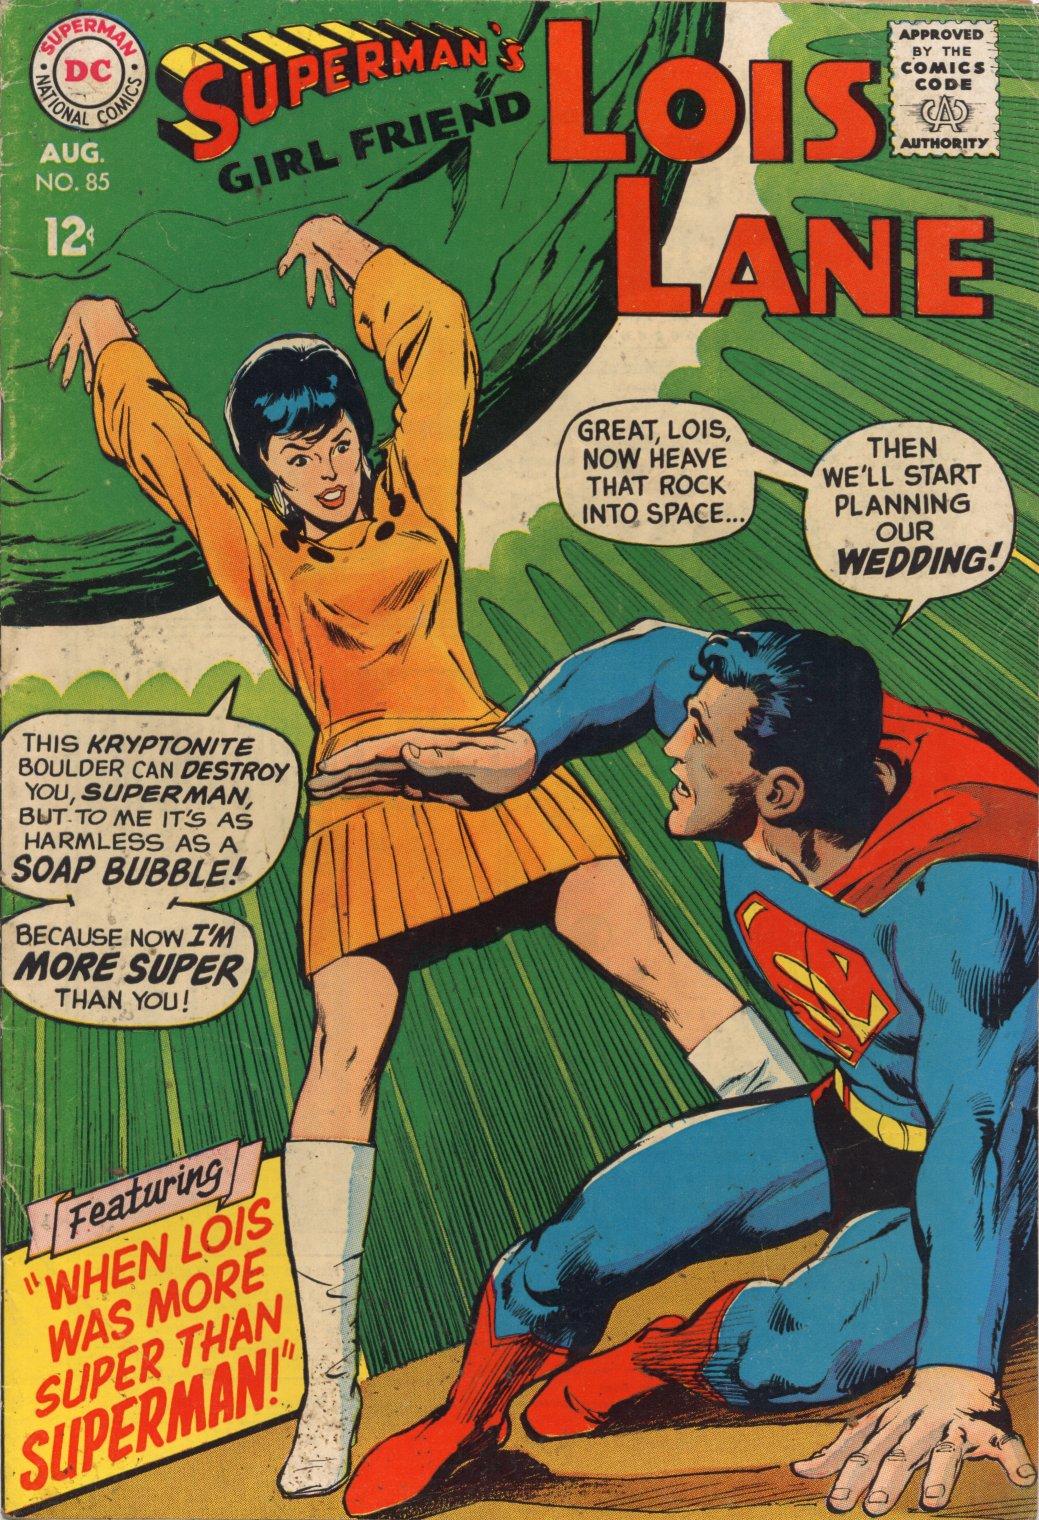 Supermans Girl Friend, Lois Lane 85 Page 1